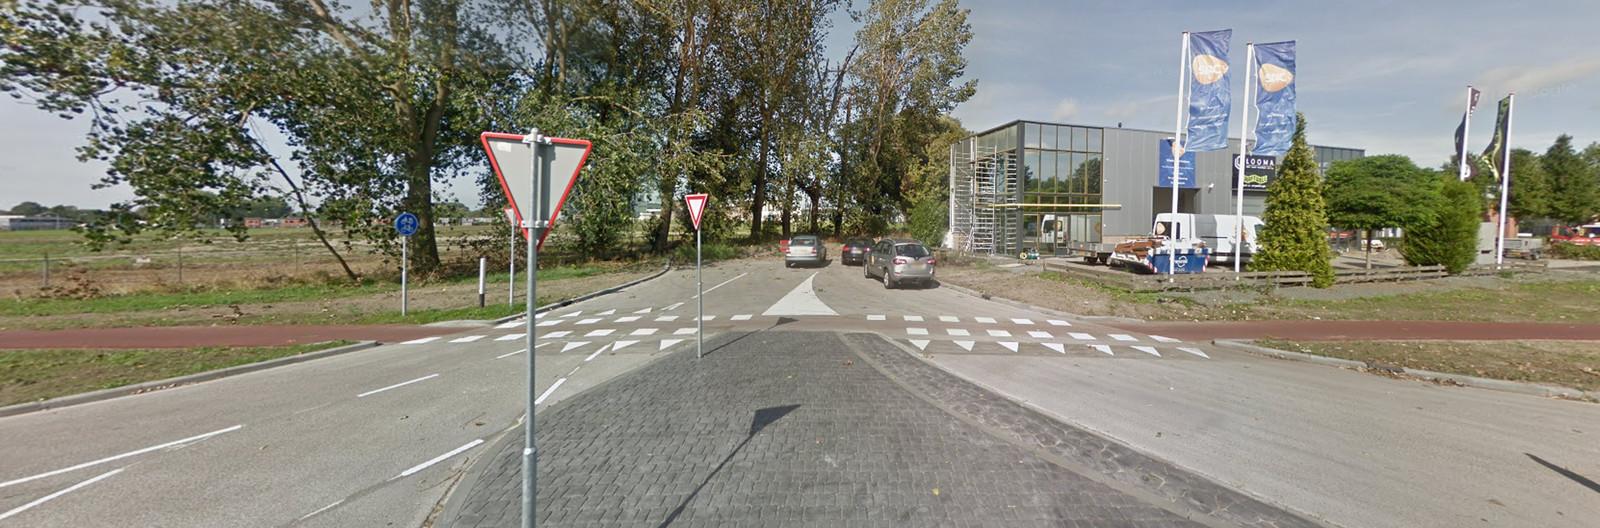 De oude situatie op de Borchwerf. Street View Google